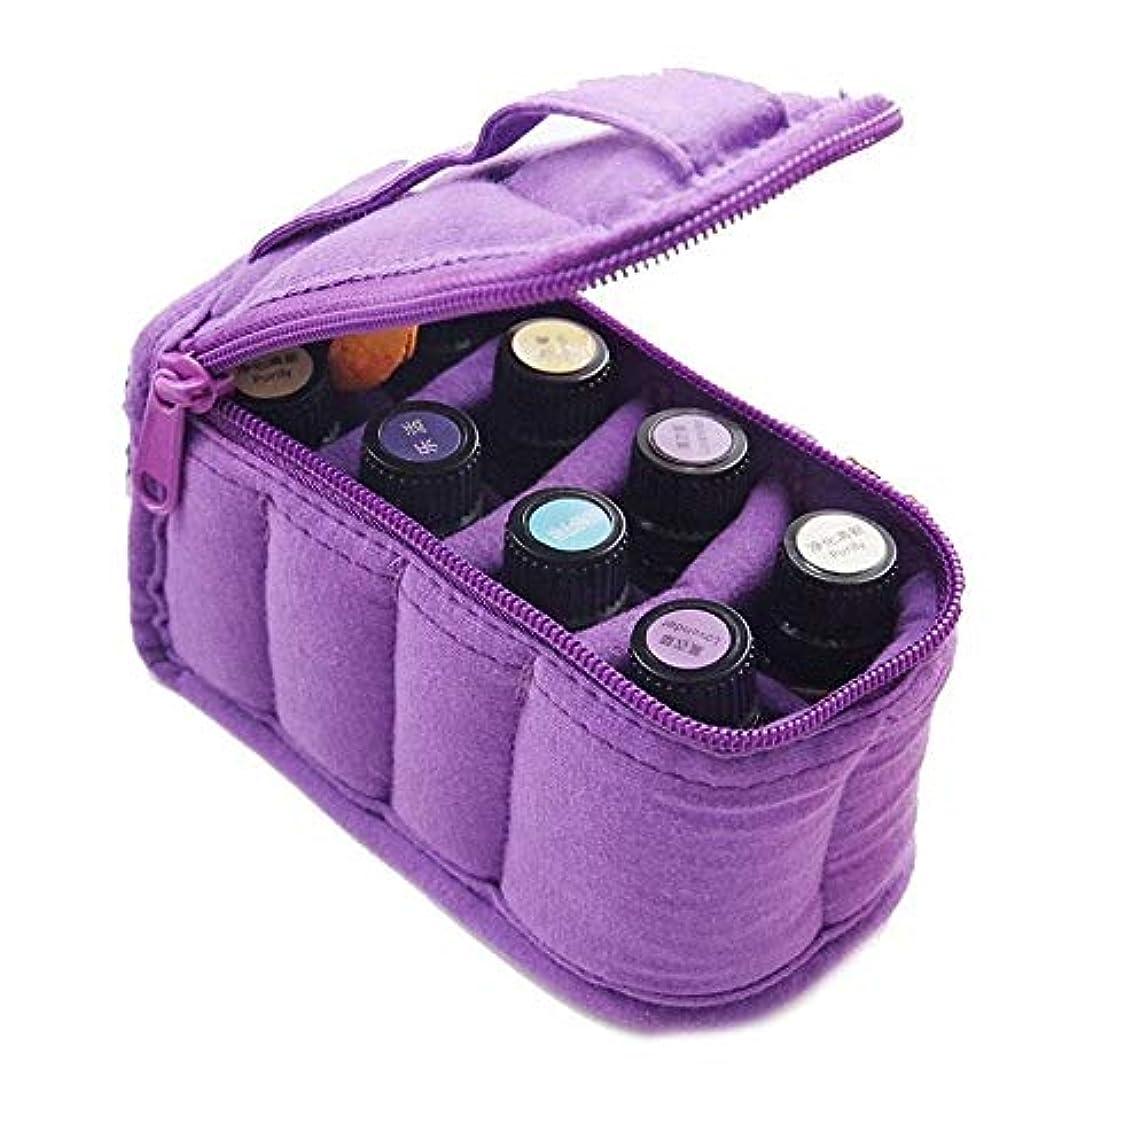 別れる通信網傀儡エッセンシャルオイルストレージボックス エッセンシャルオイルキャリングケースプレミアム保護10-15ML油オーガナイザーバッグ(パープル)を保持しています 旅行およびプレゼンテーション用 (色 : 紫の, サイズ : 13X7X7.5CM)